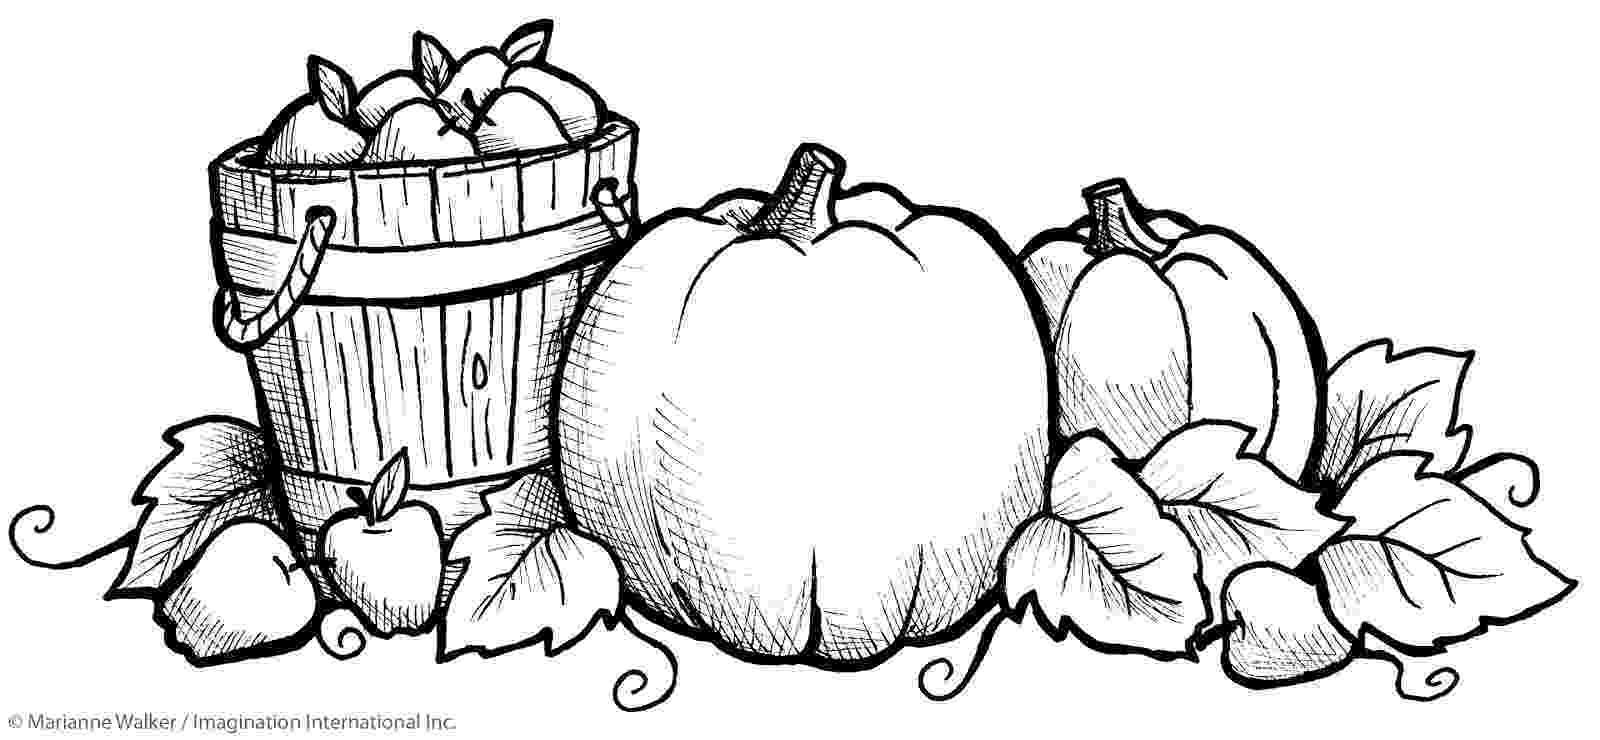 coloring book pumpkin free printable pumpkin coloring pages for kids cool2bkids pumpkin coloring book 1 1